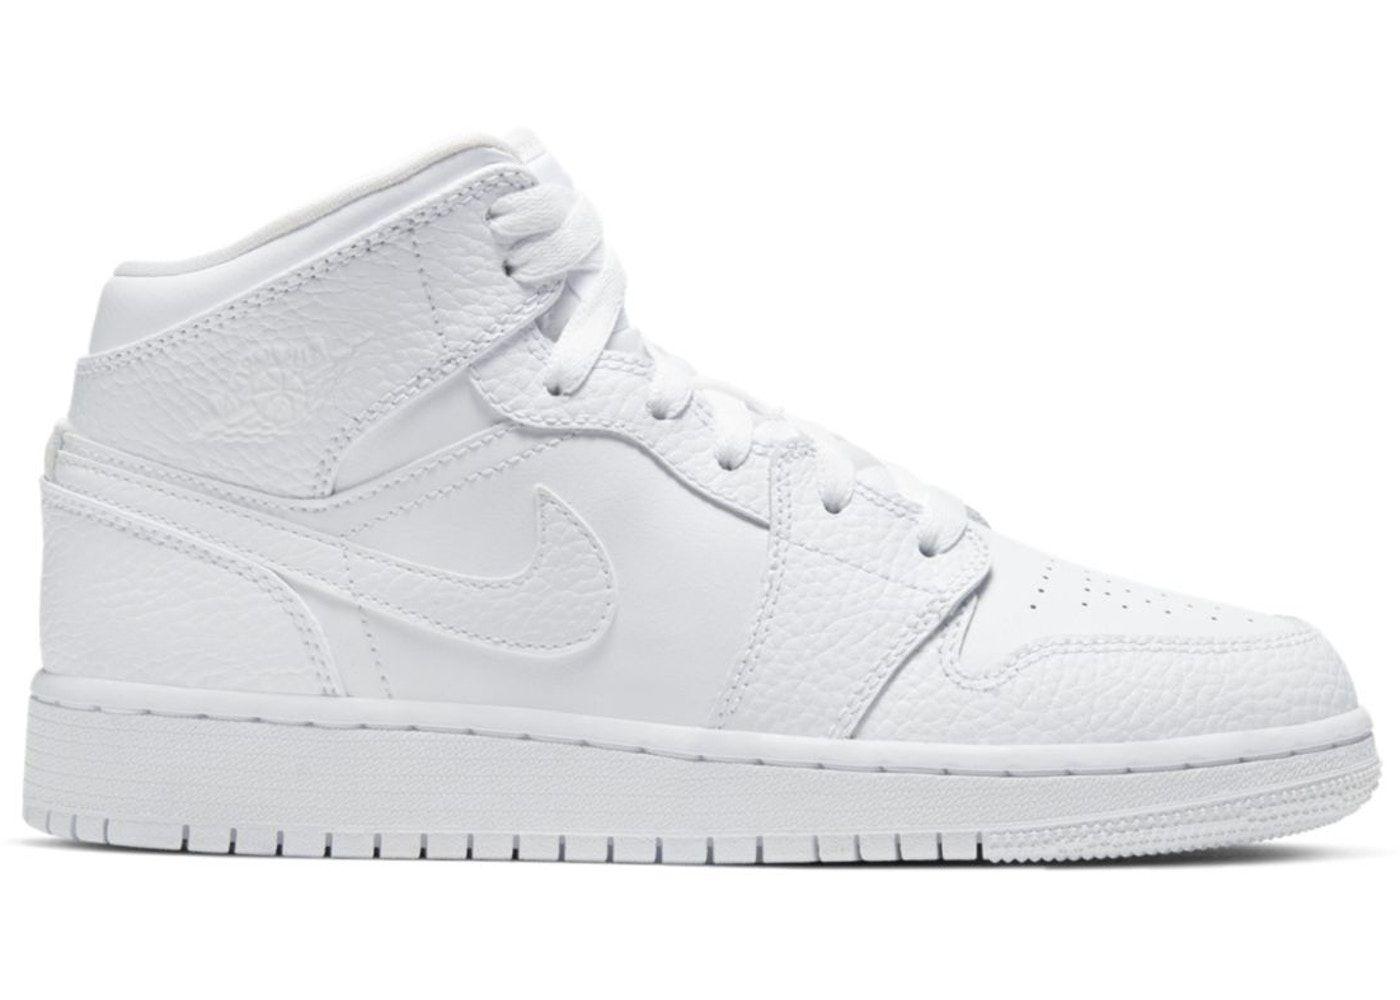 Jordan 1 Mid Triple White (GS) in 2021 | Jordan 1 mid white ...